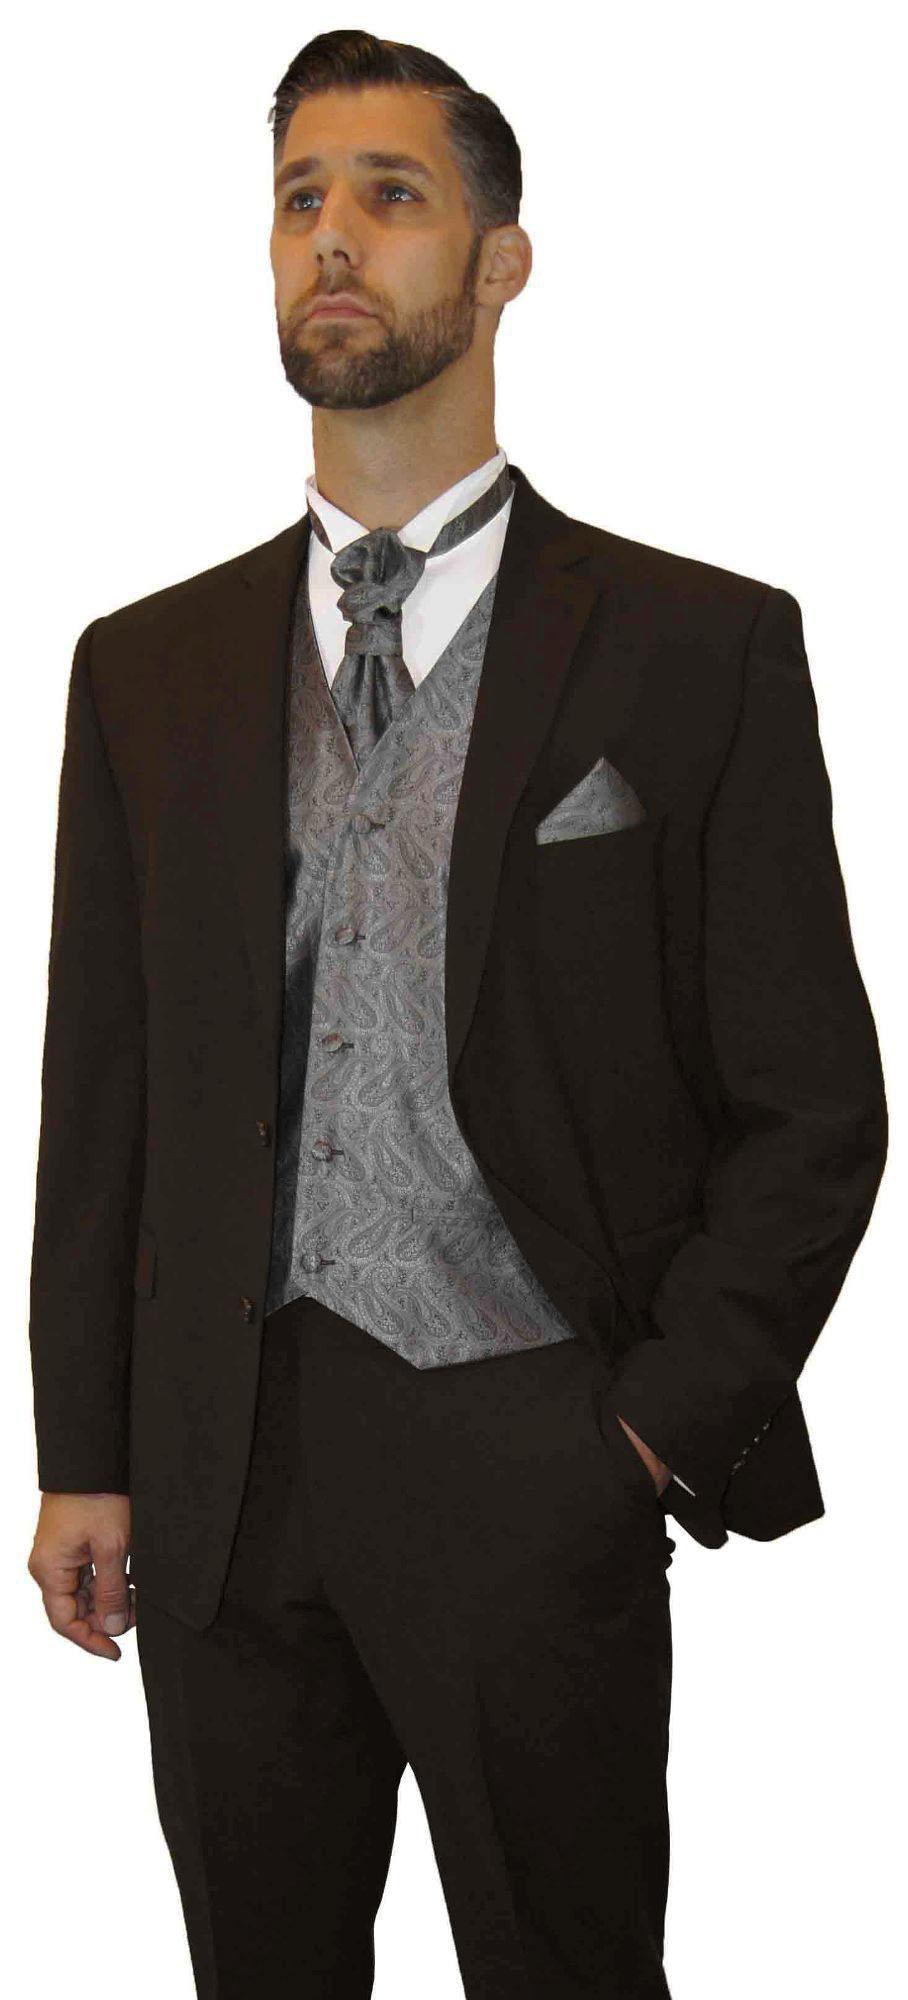 Hochzeitsanzug Braun Modern Herren Weste Silber Grau Paisley